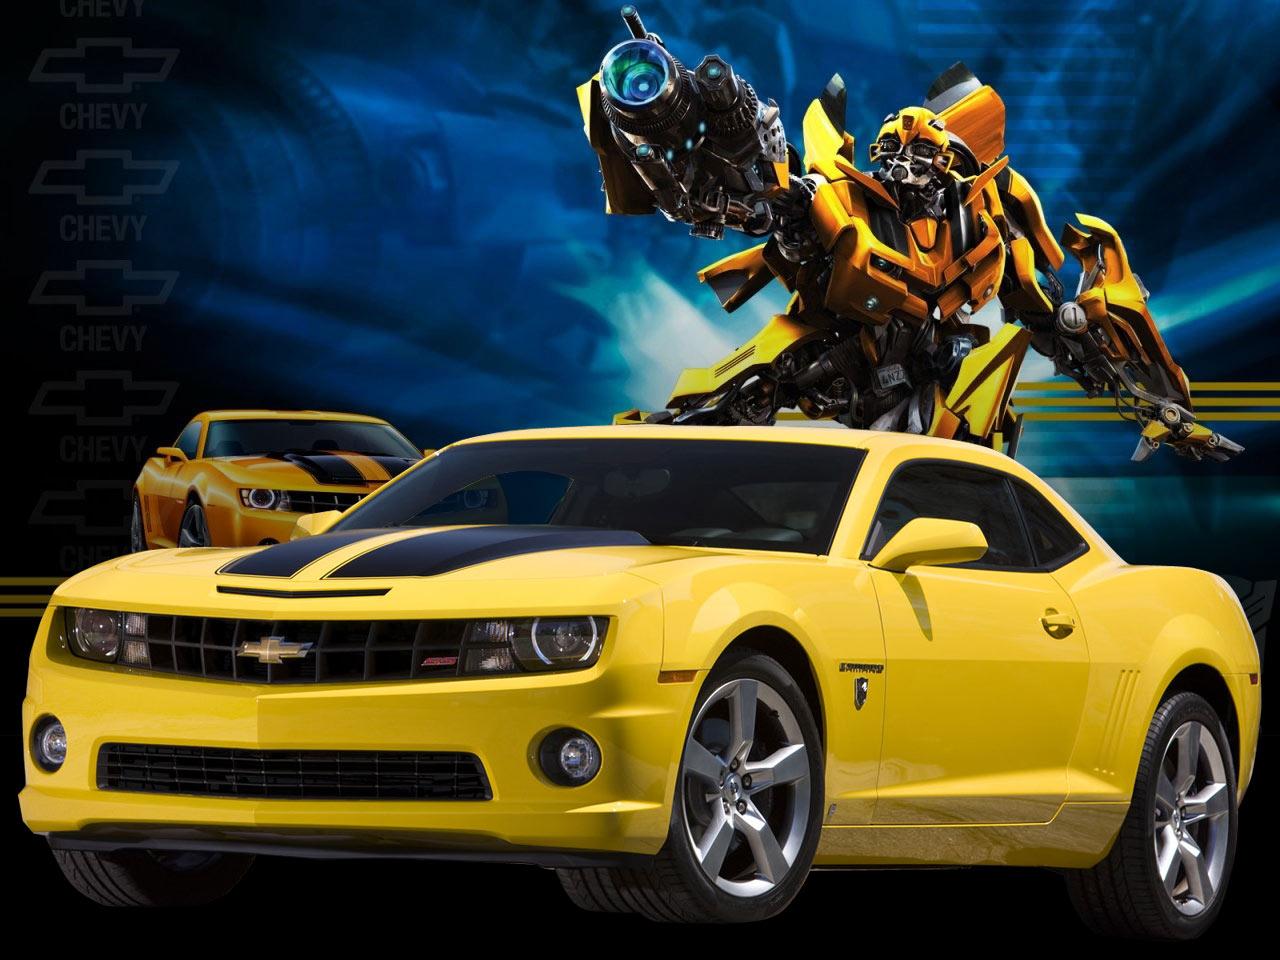 Chevy Camaro: Chevrolet Camaro Transformers Bumblebee Edition